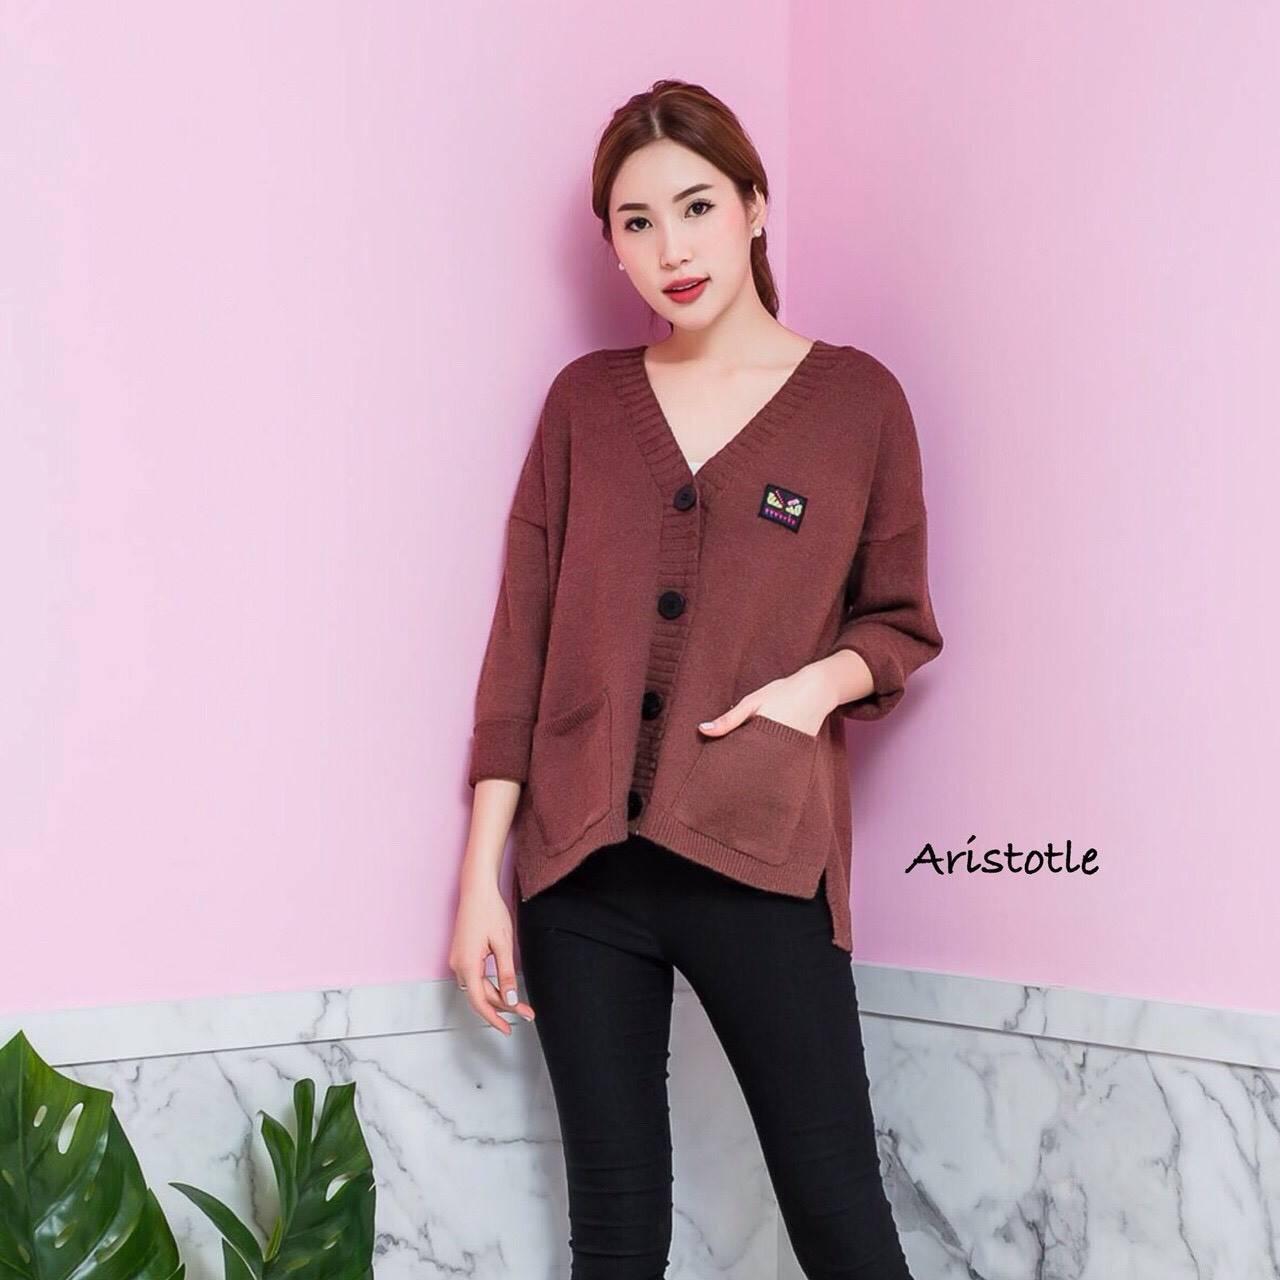 เสื้อผ้าเกาหลีพร้อมส่ง Pant knit กางเกงขายาวผ้าไหมพรมแต่งแถบข้าง